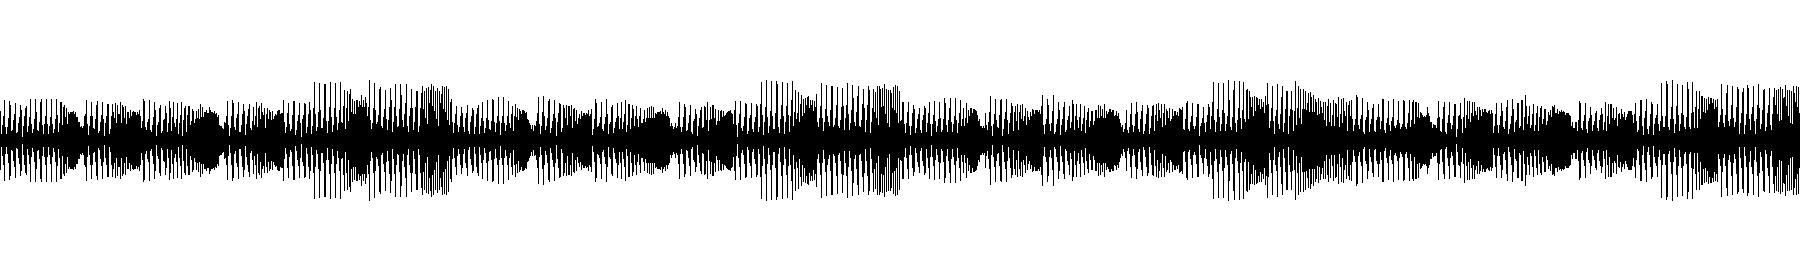 19377 3034myg wav